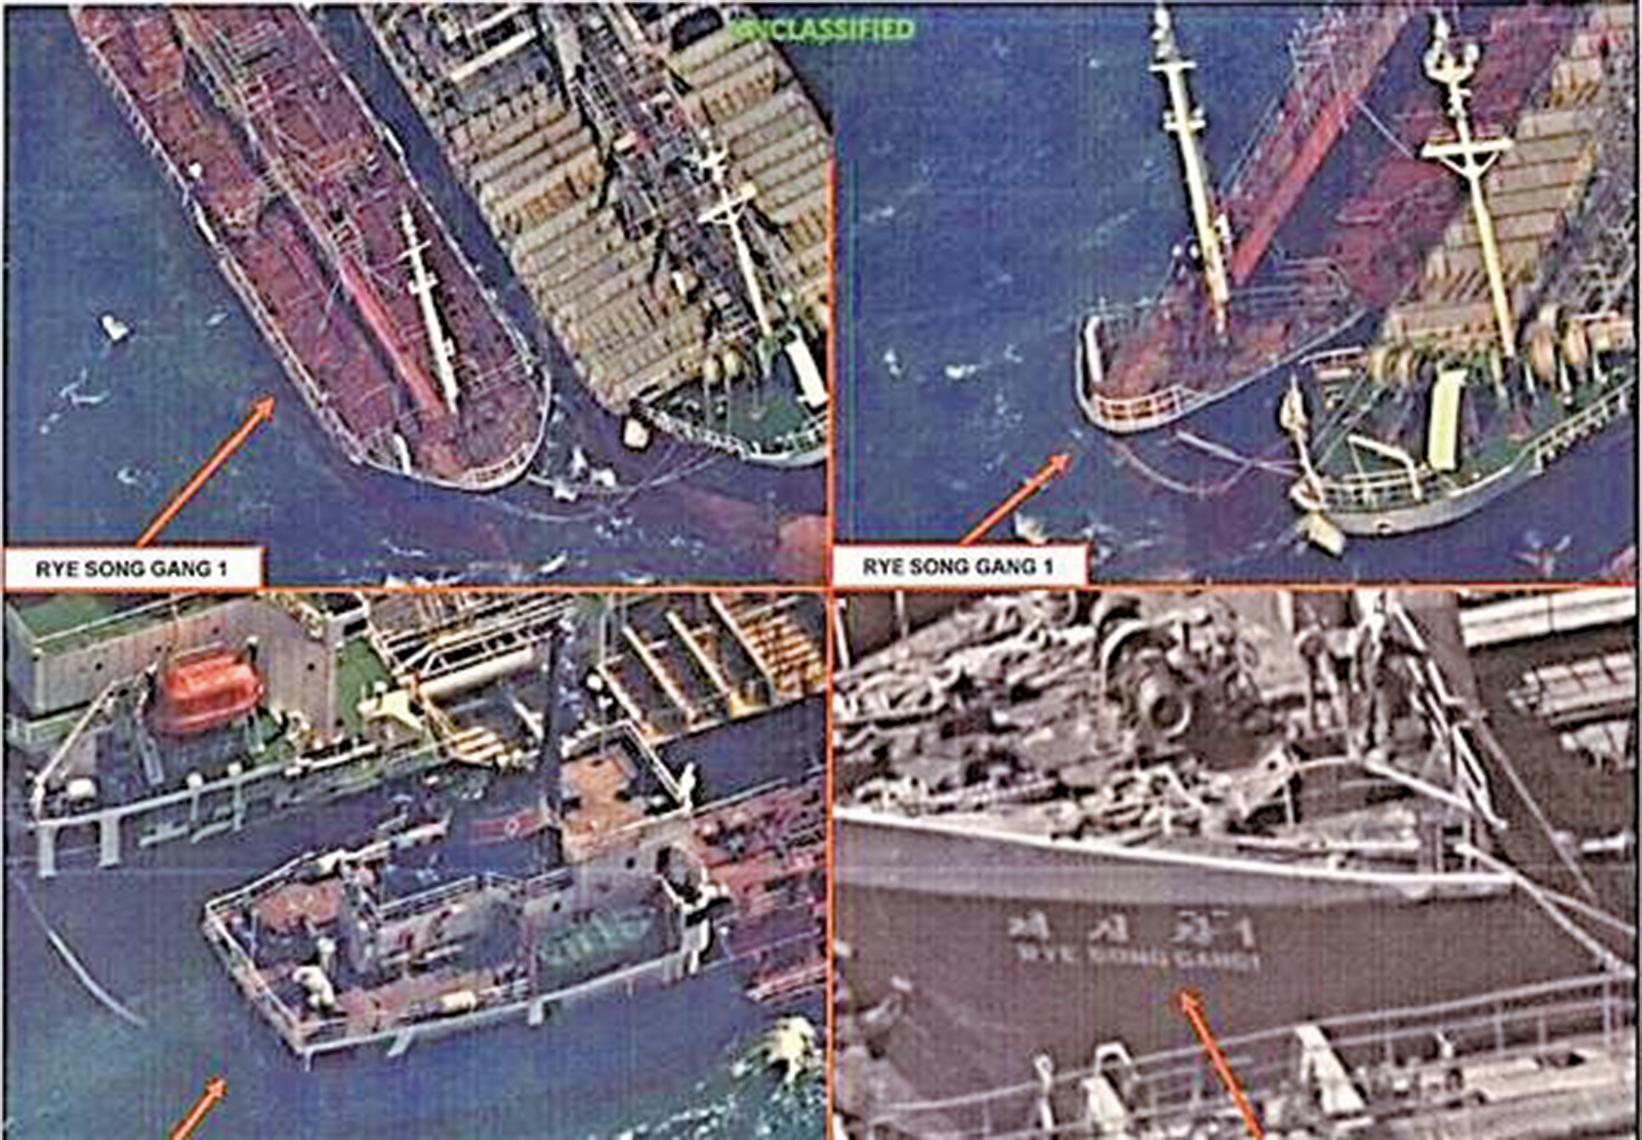 北韓用海盜手法逃避經濟制裁